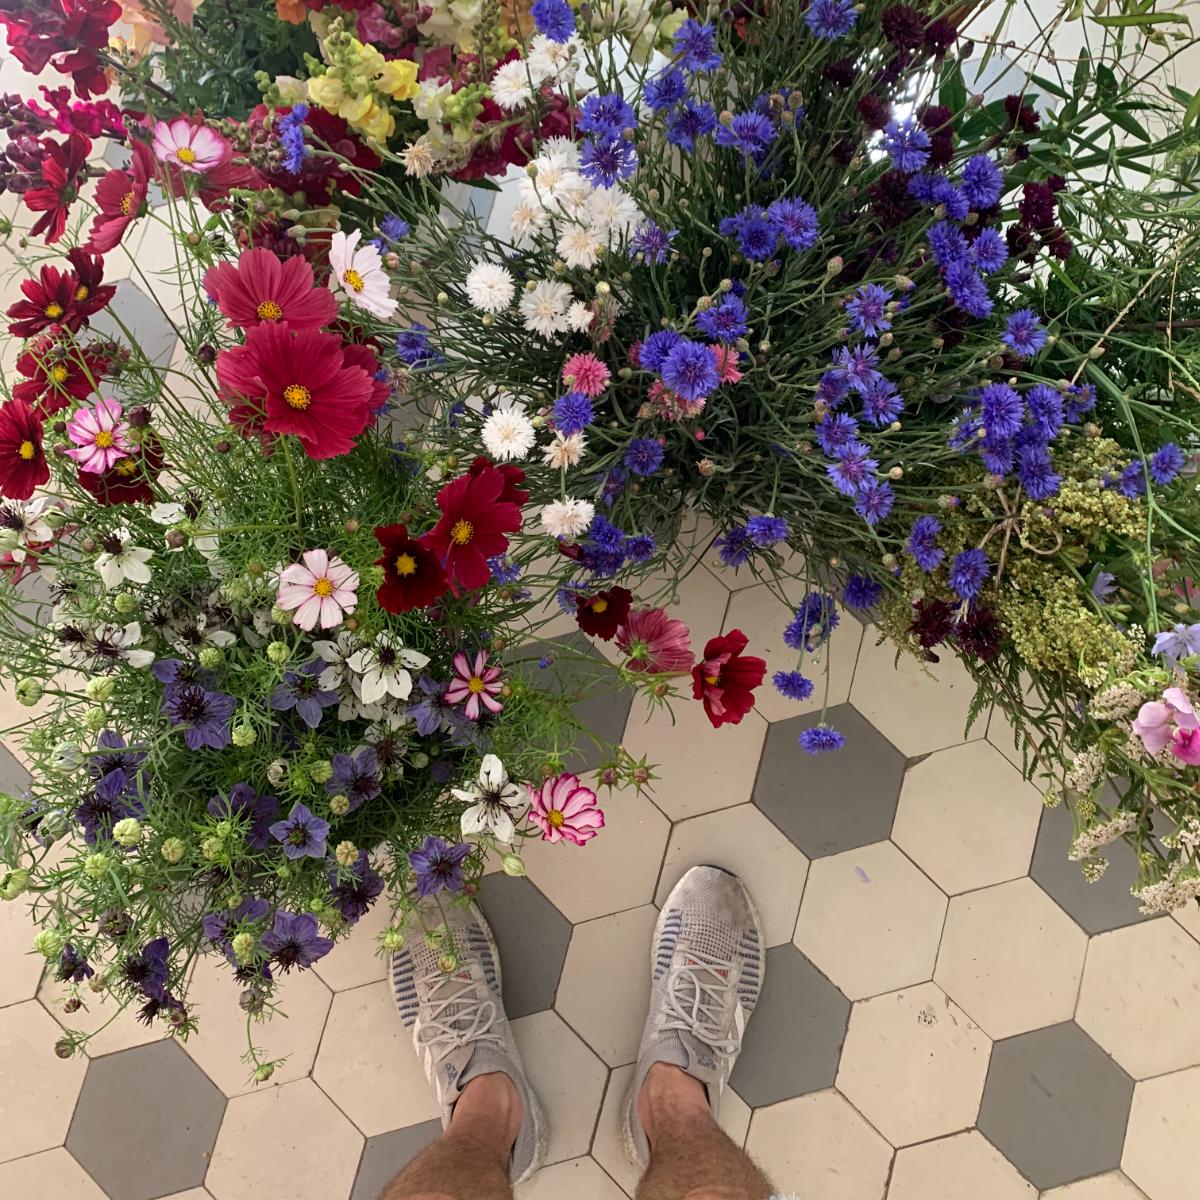 Maran44 Neukoelln Blumen